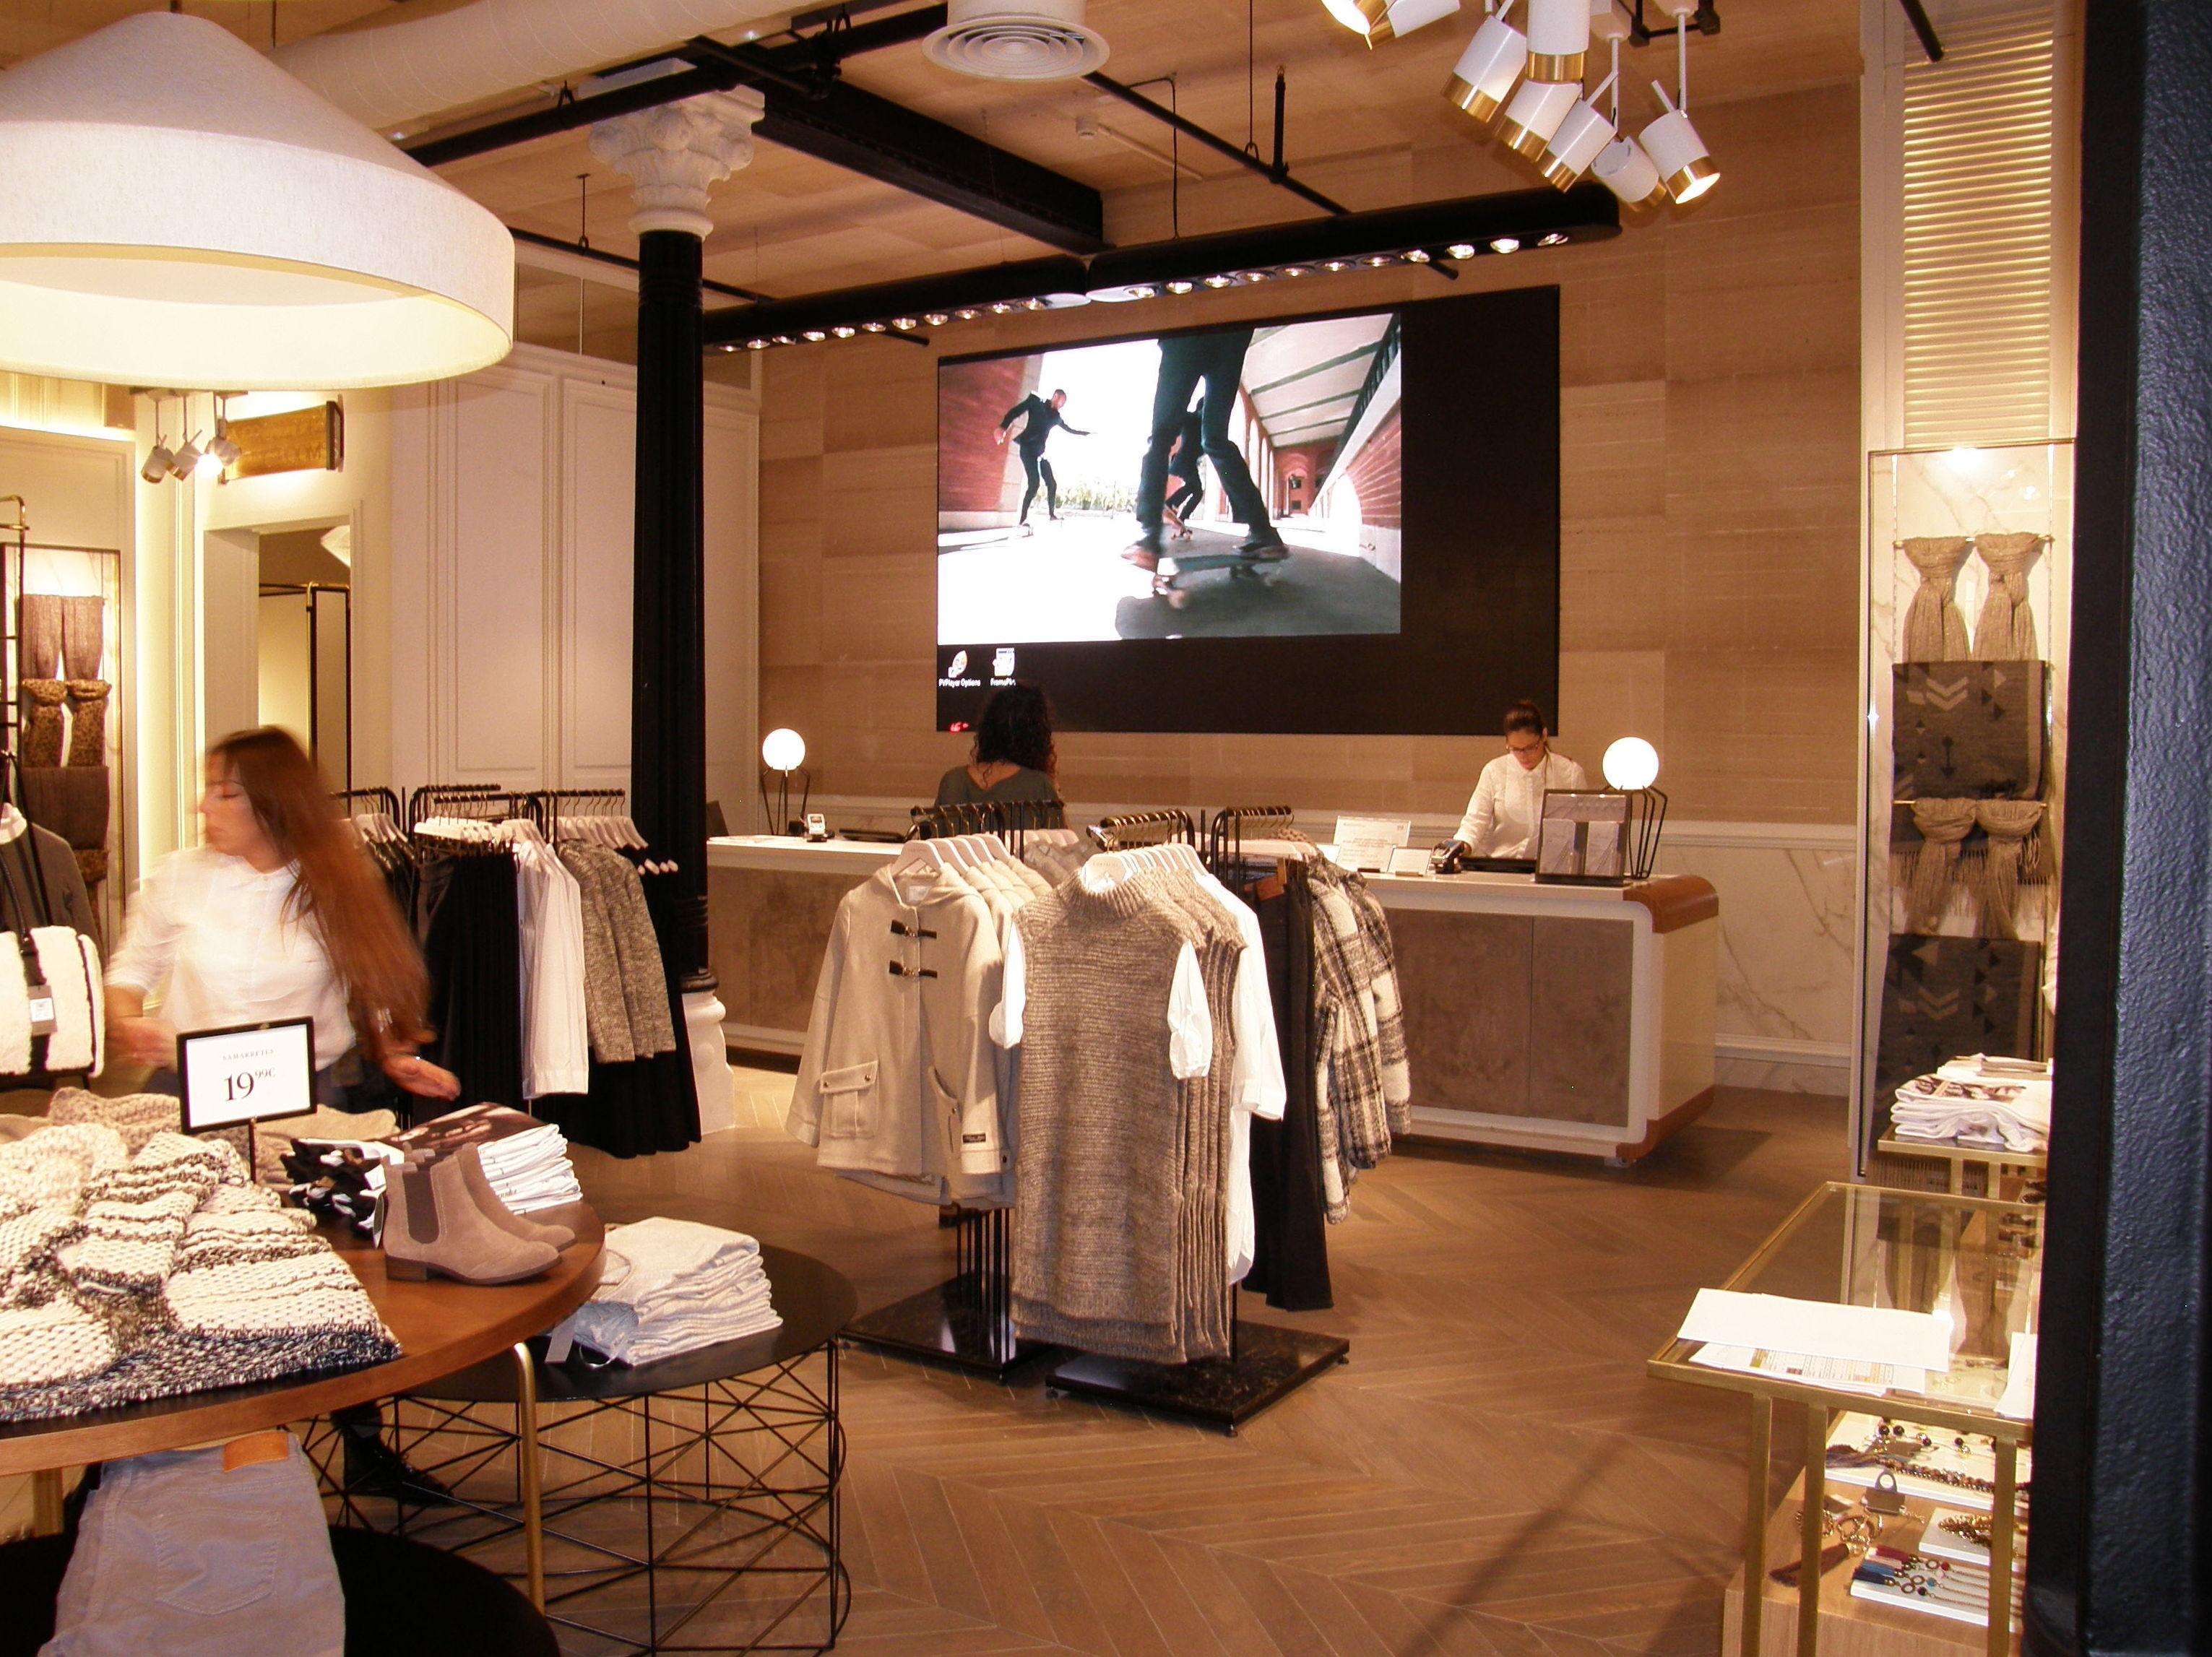 Distribución de espacios en tienda de ropa